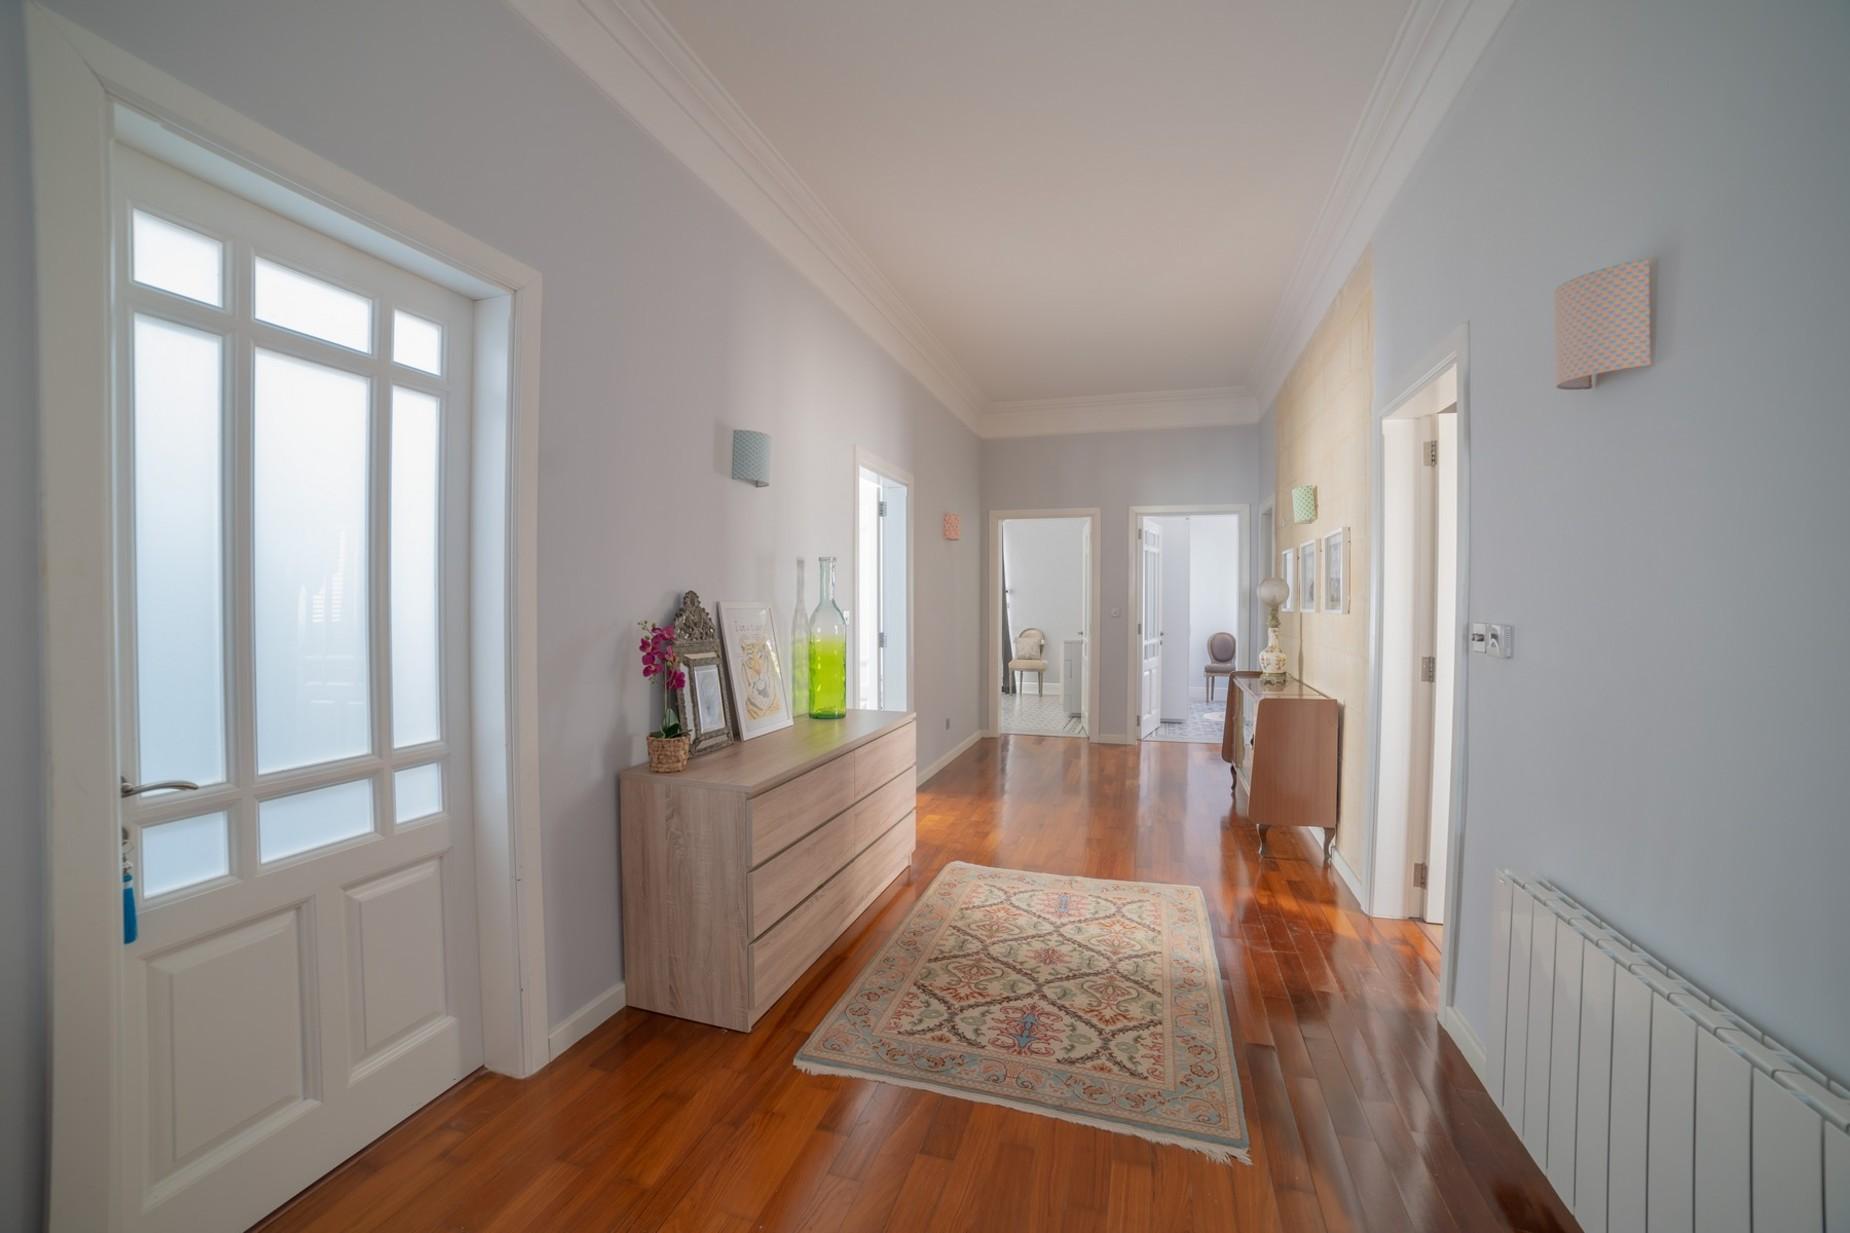 4 bed Apartment For Sale in Ta' Xbiex, Ta' Xbiex - thumb 4